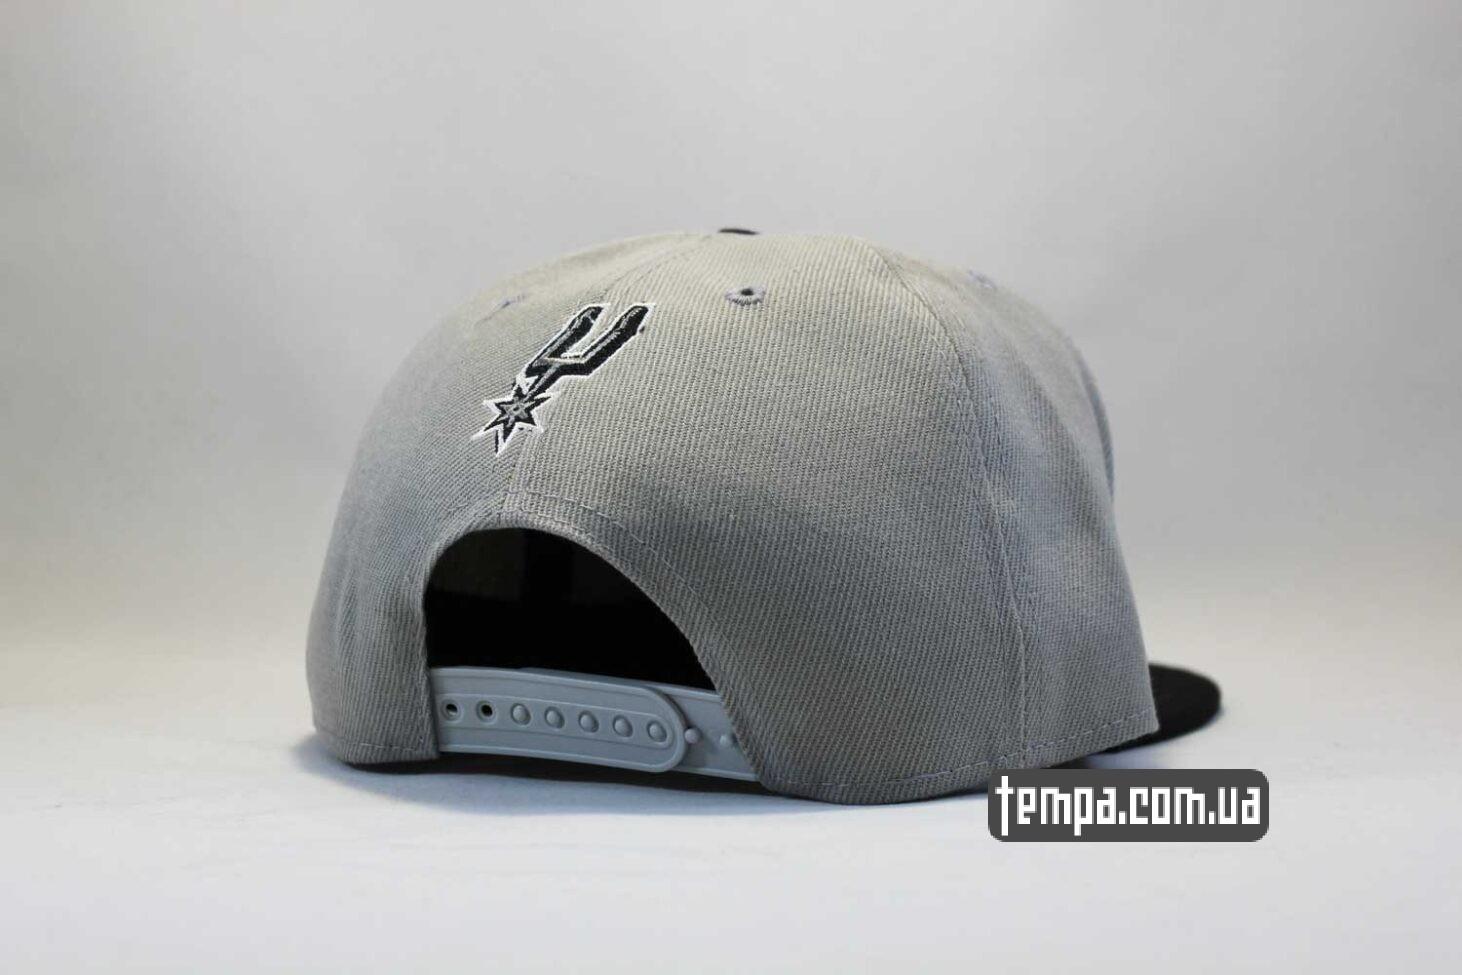 оригинал баскетбольная одежда кепка snapback Spurs San Antonio NewEra 9fifty серая